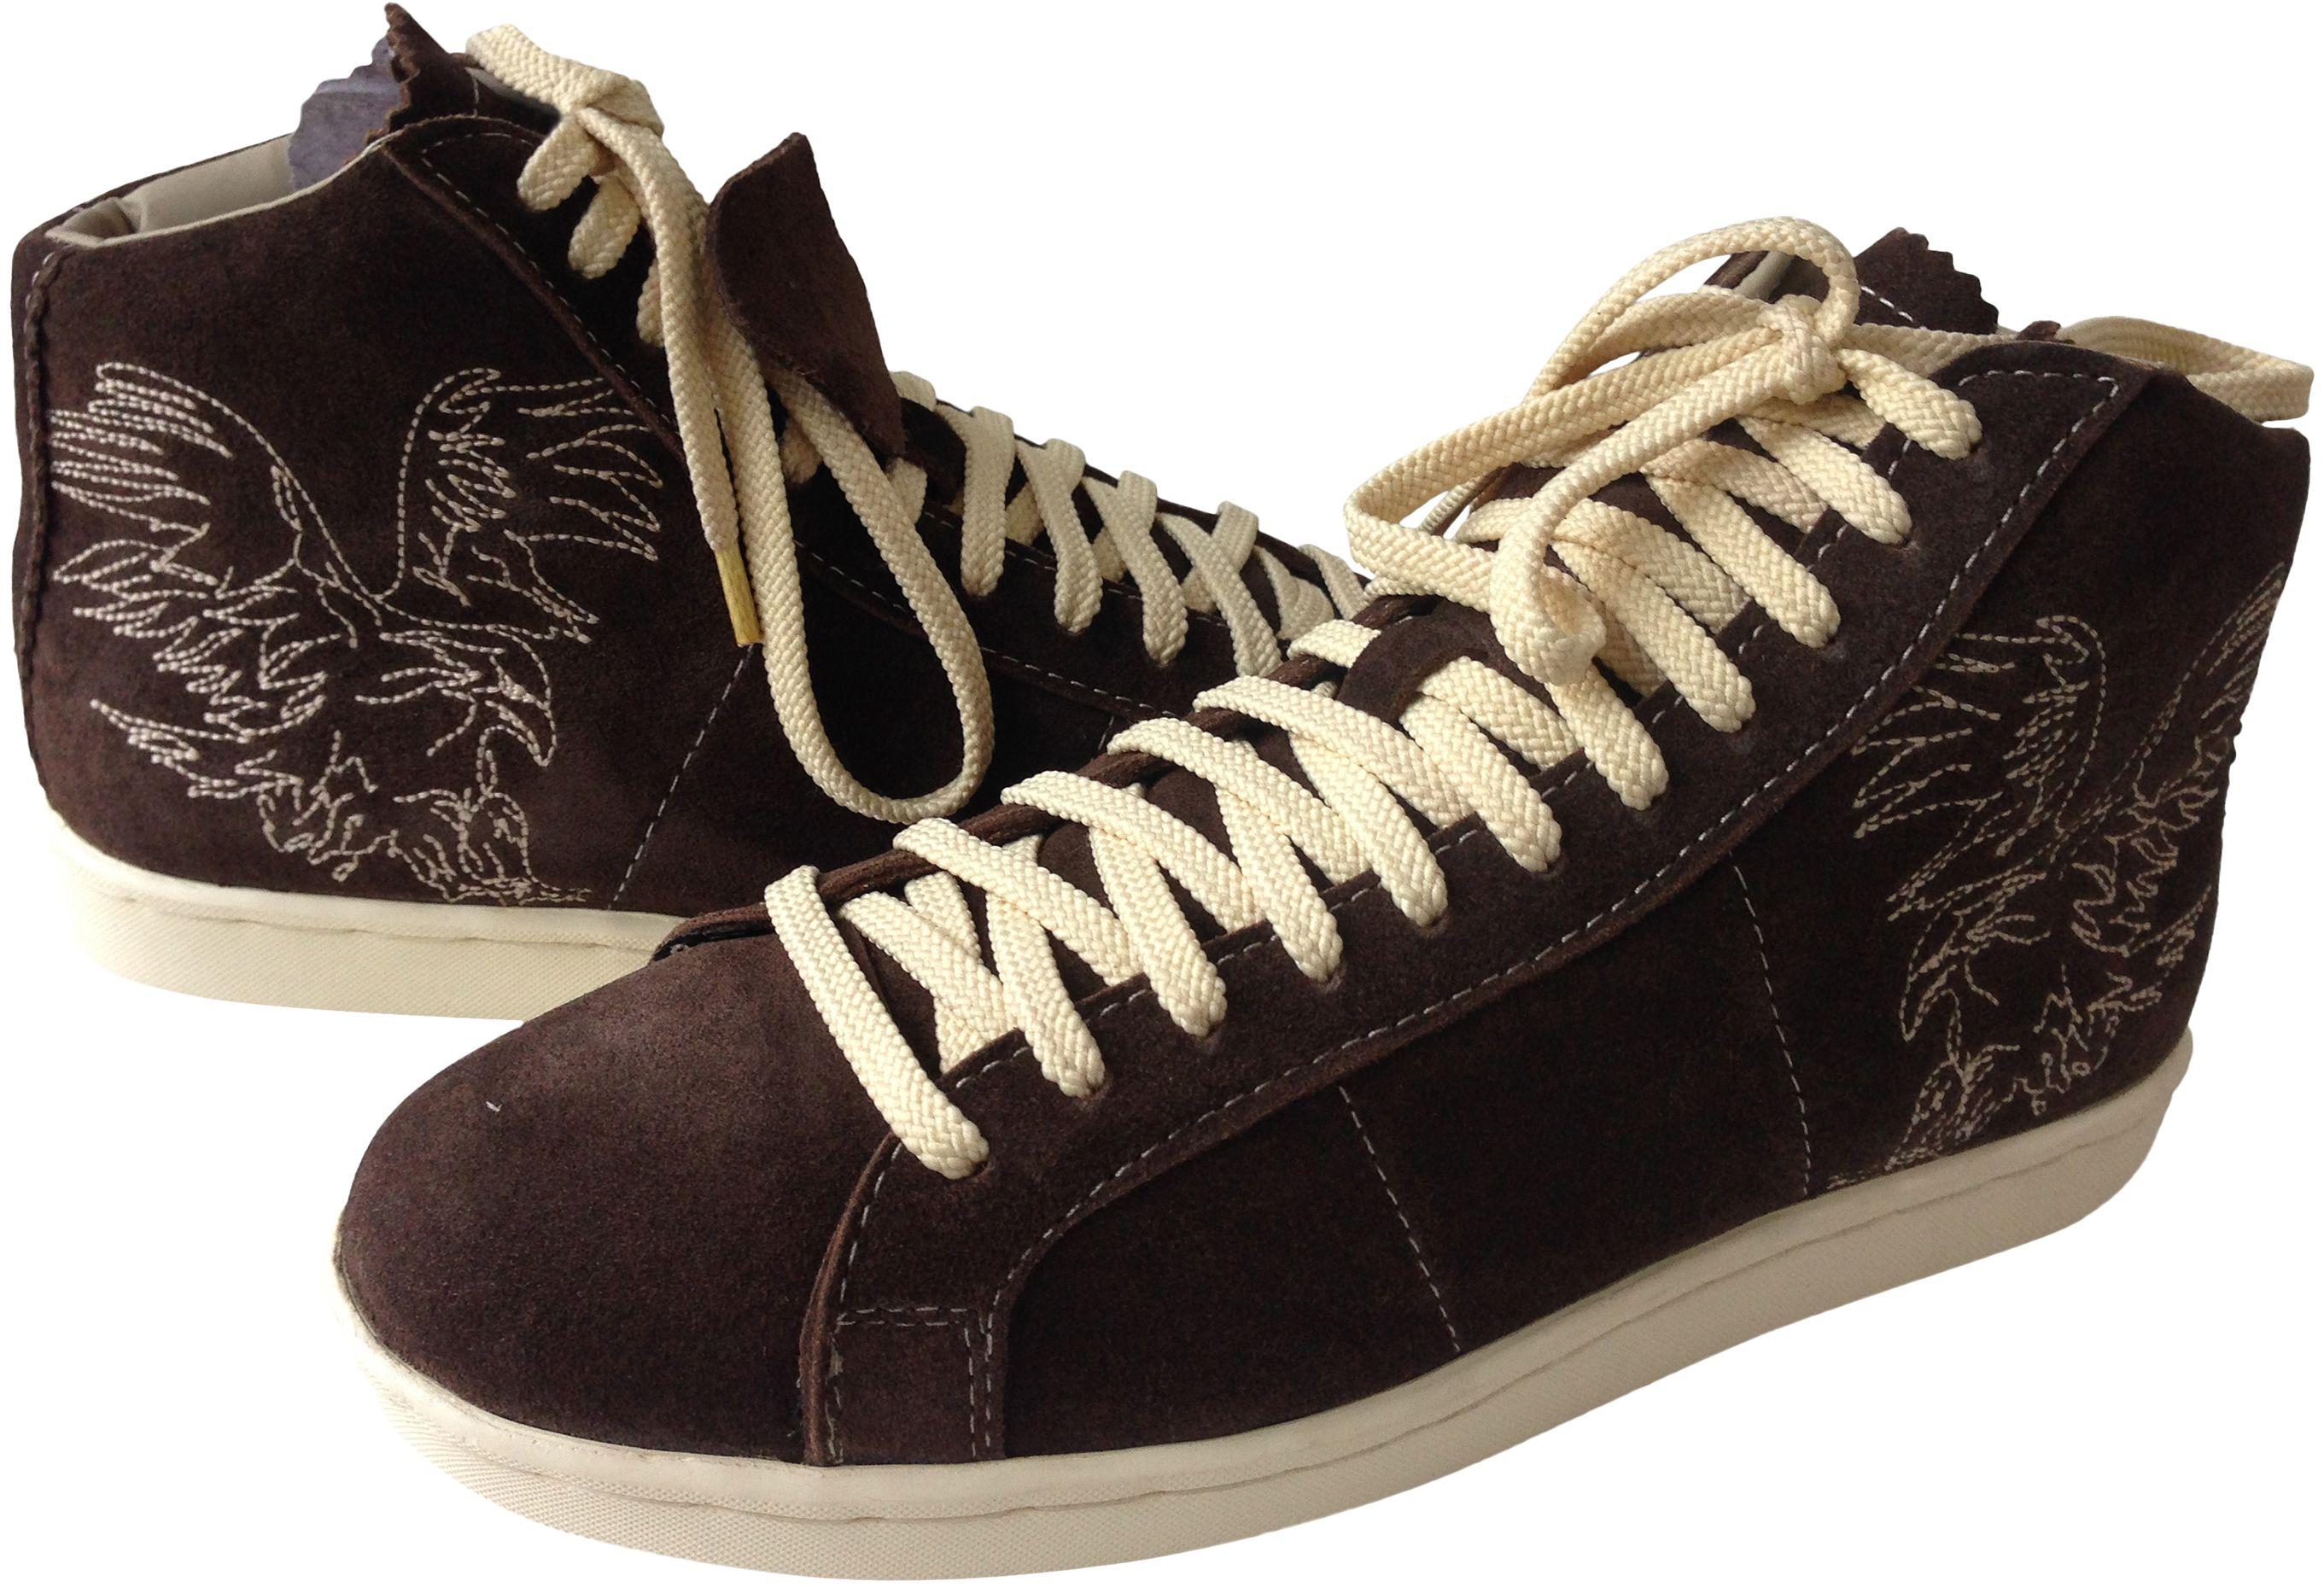 b26d772e63ce40 Wildleder Schuhe Herren  Ein Wildleder-Sneaker vom Feinsten.